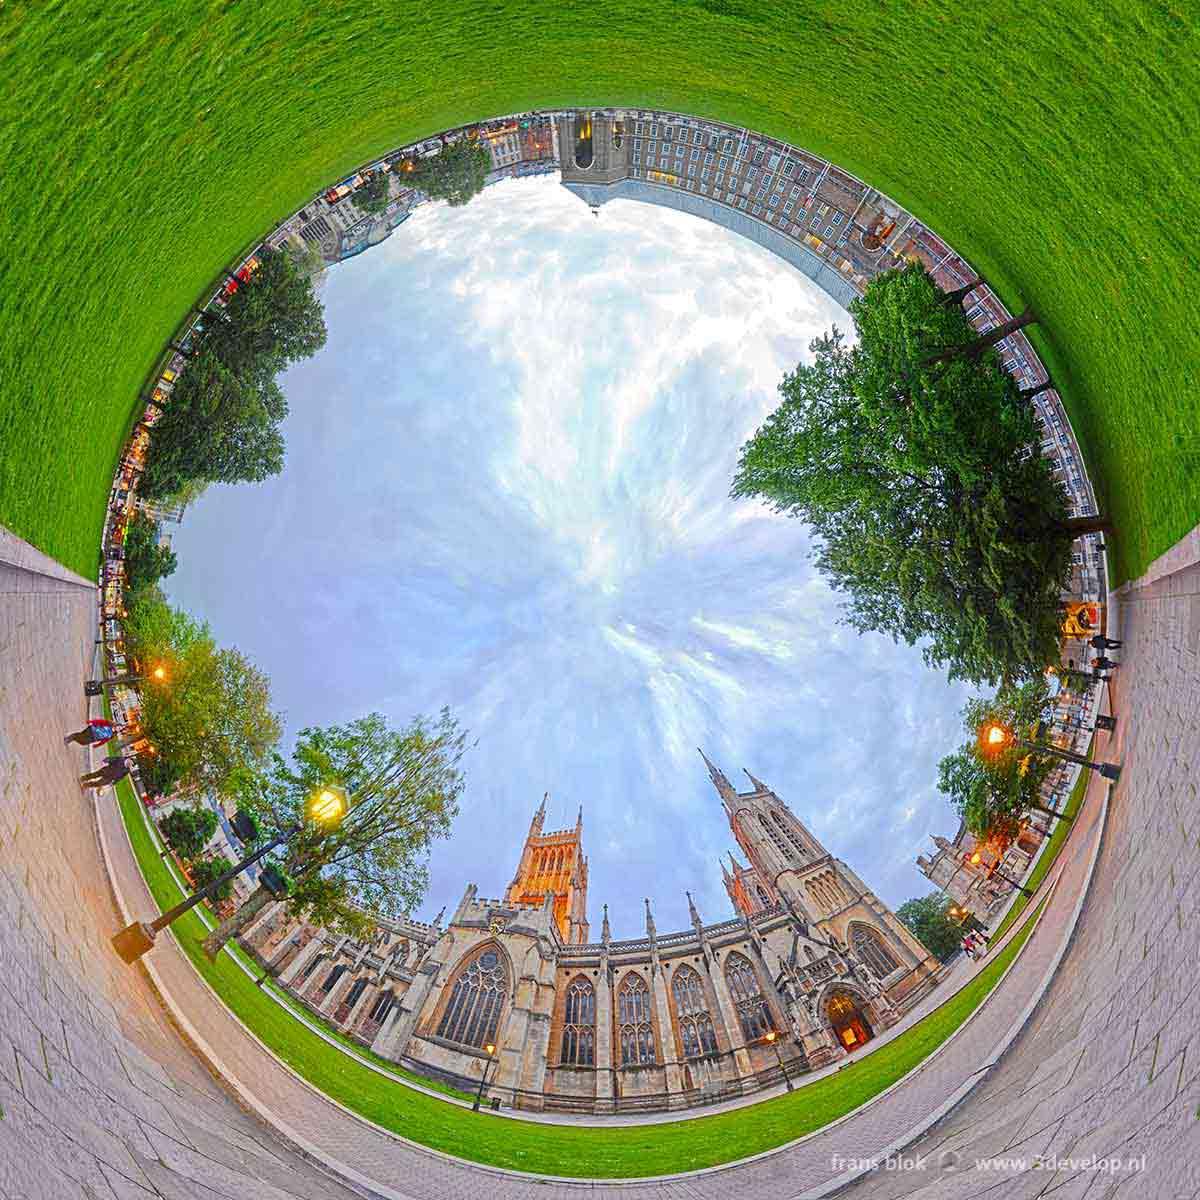 Buispanorama, samengesteld uit 18 foto's, aan elkaar geplakt in Photoshop, van College Green in Bristol, Engeland met de kathedraal en het stadhuis, vroeg in de avond.